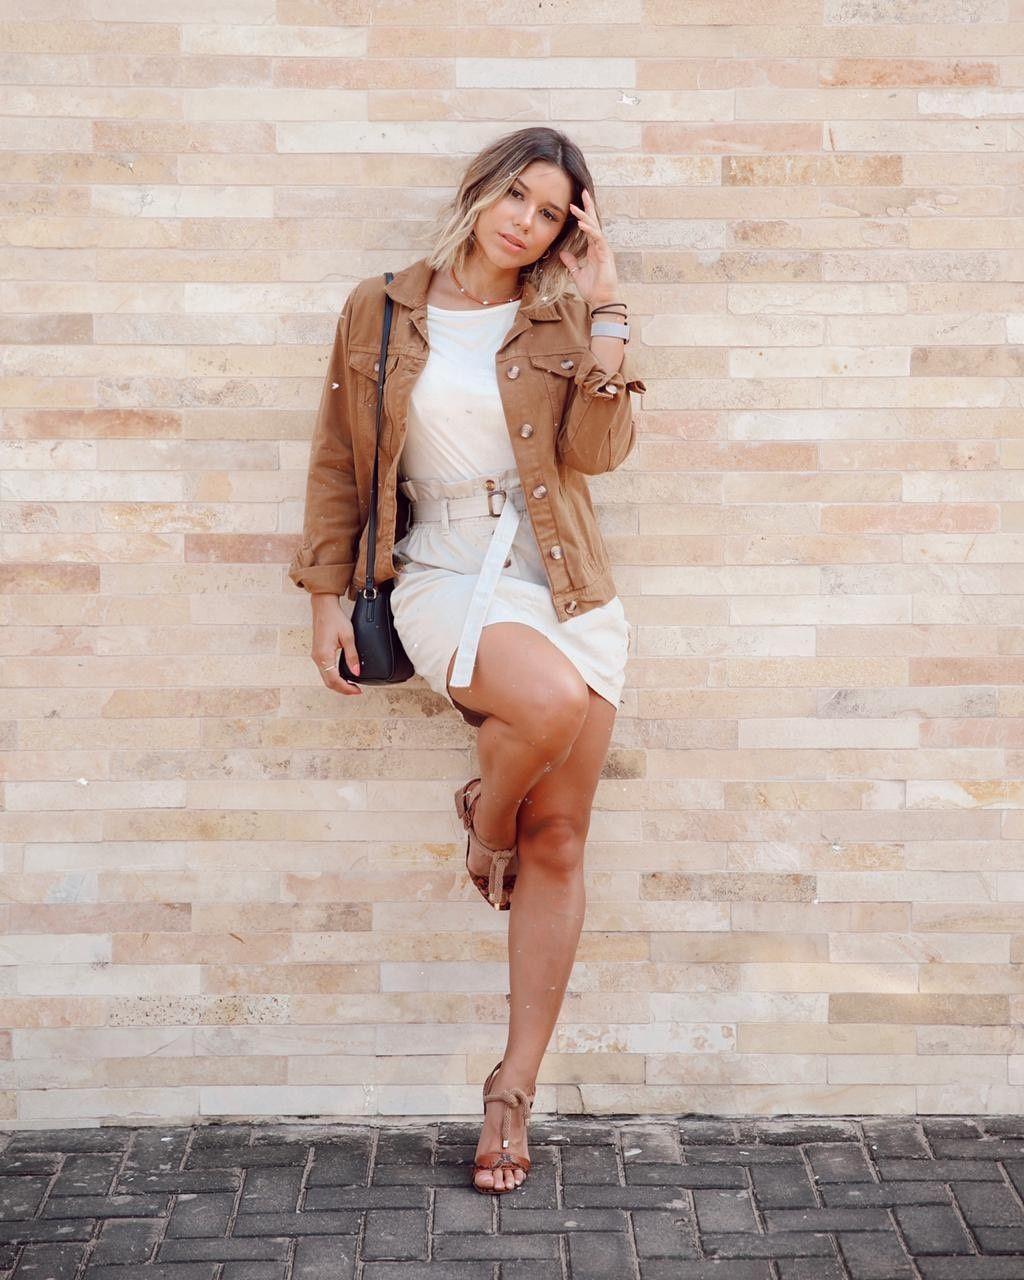 Gabi Pinho Com Look Marisa Proveieaprovei Vemprovar Com Imagens